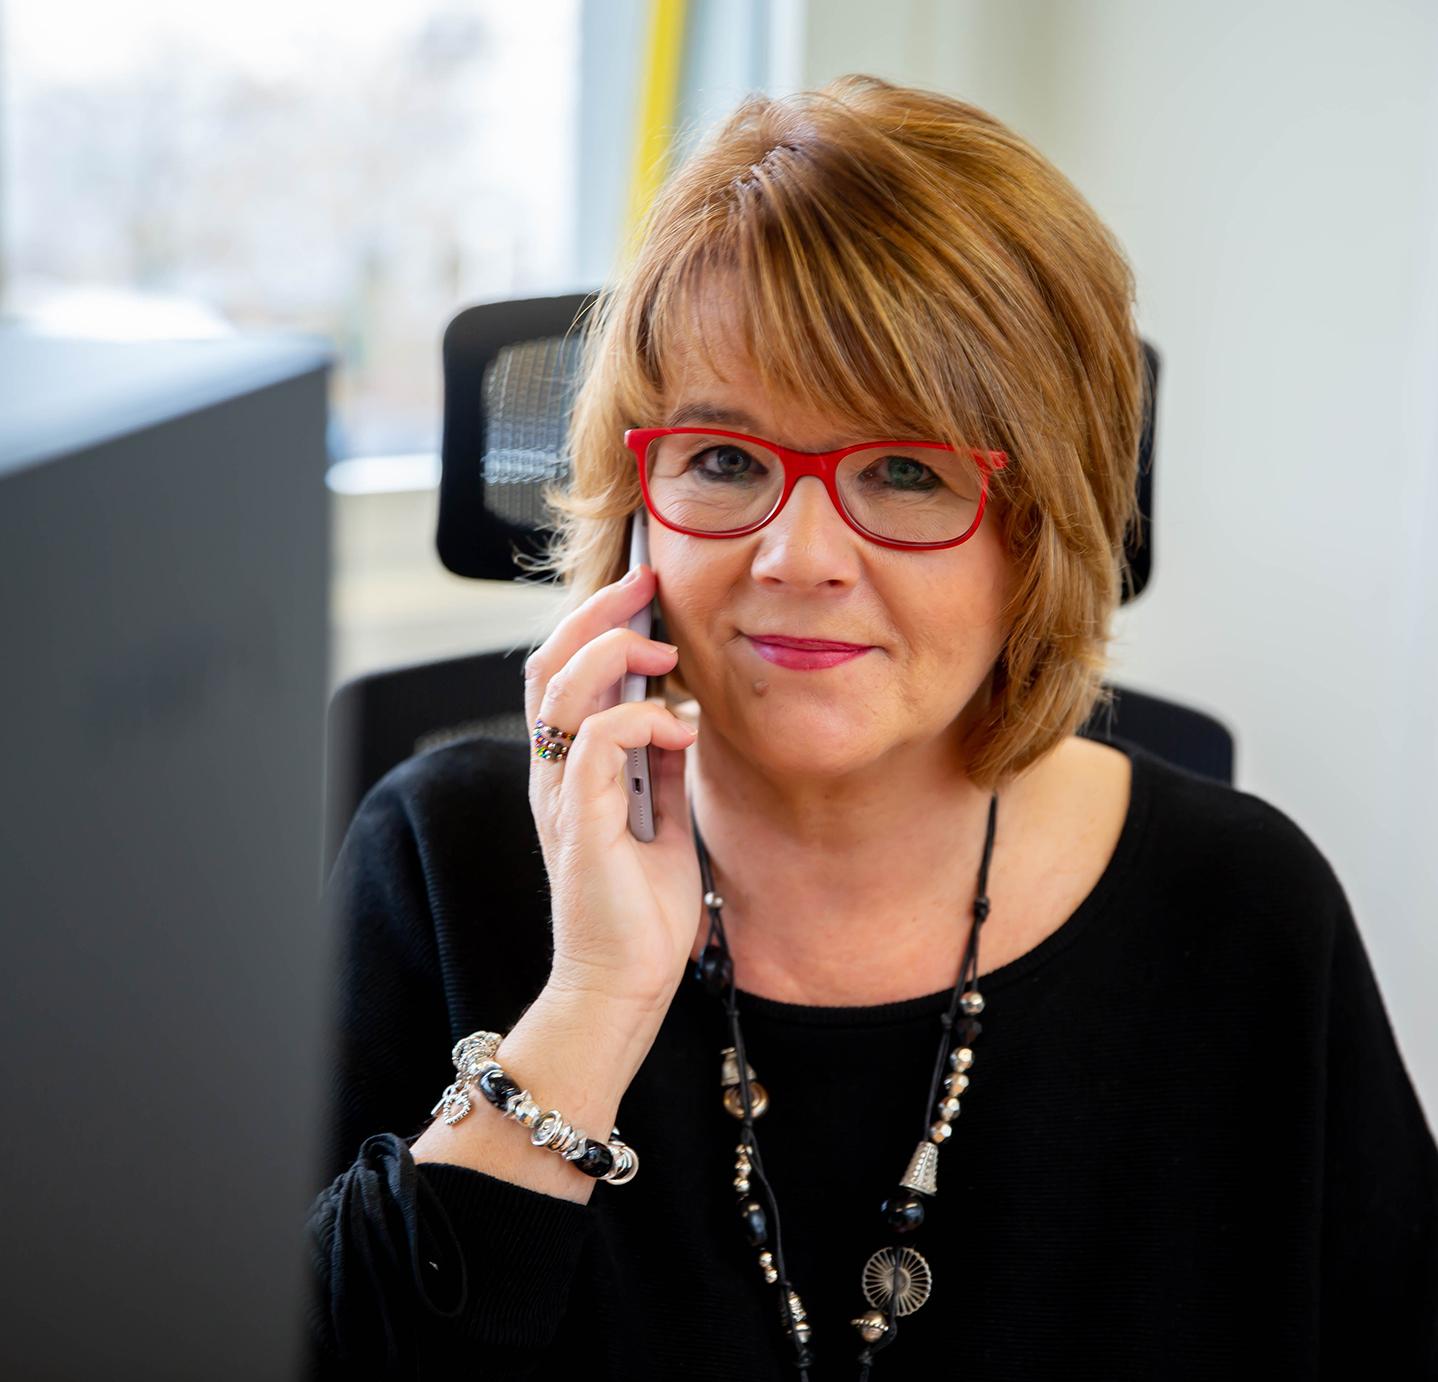 Susanne Düchting Texterin für Print und Web